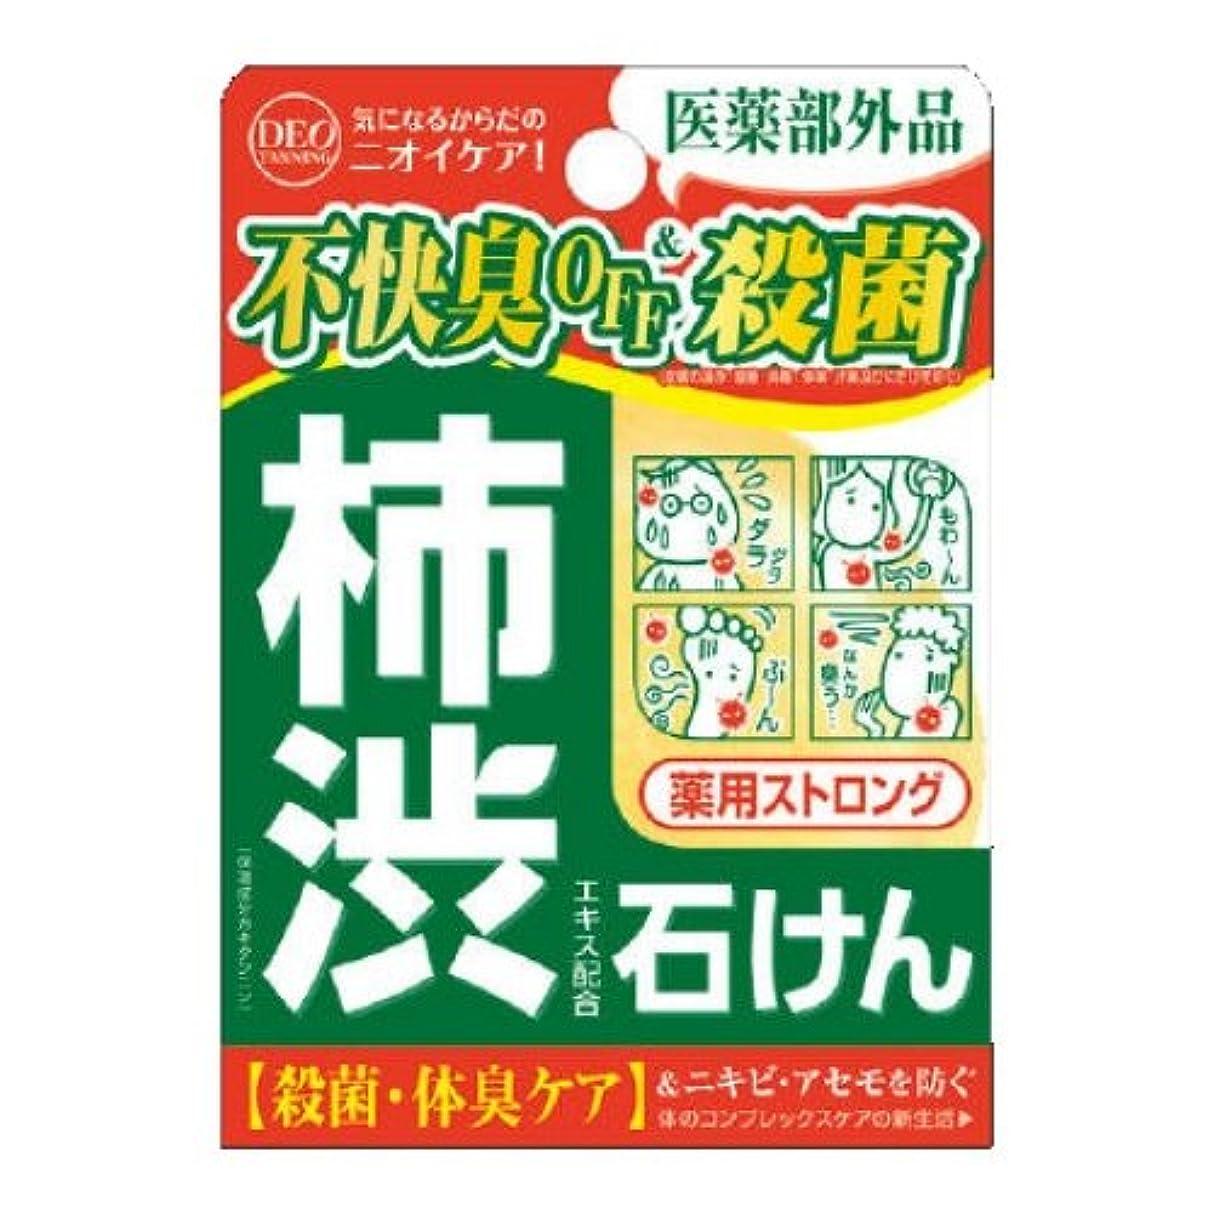 フェード有益不屈デオタンニング 薬用ストロング ソープ 100g (医薬部外品)